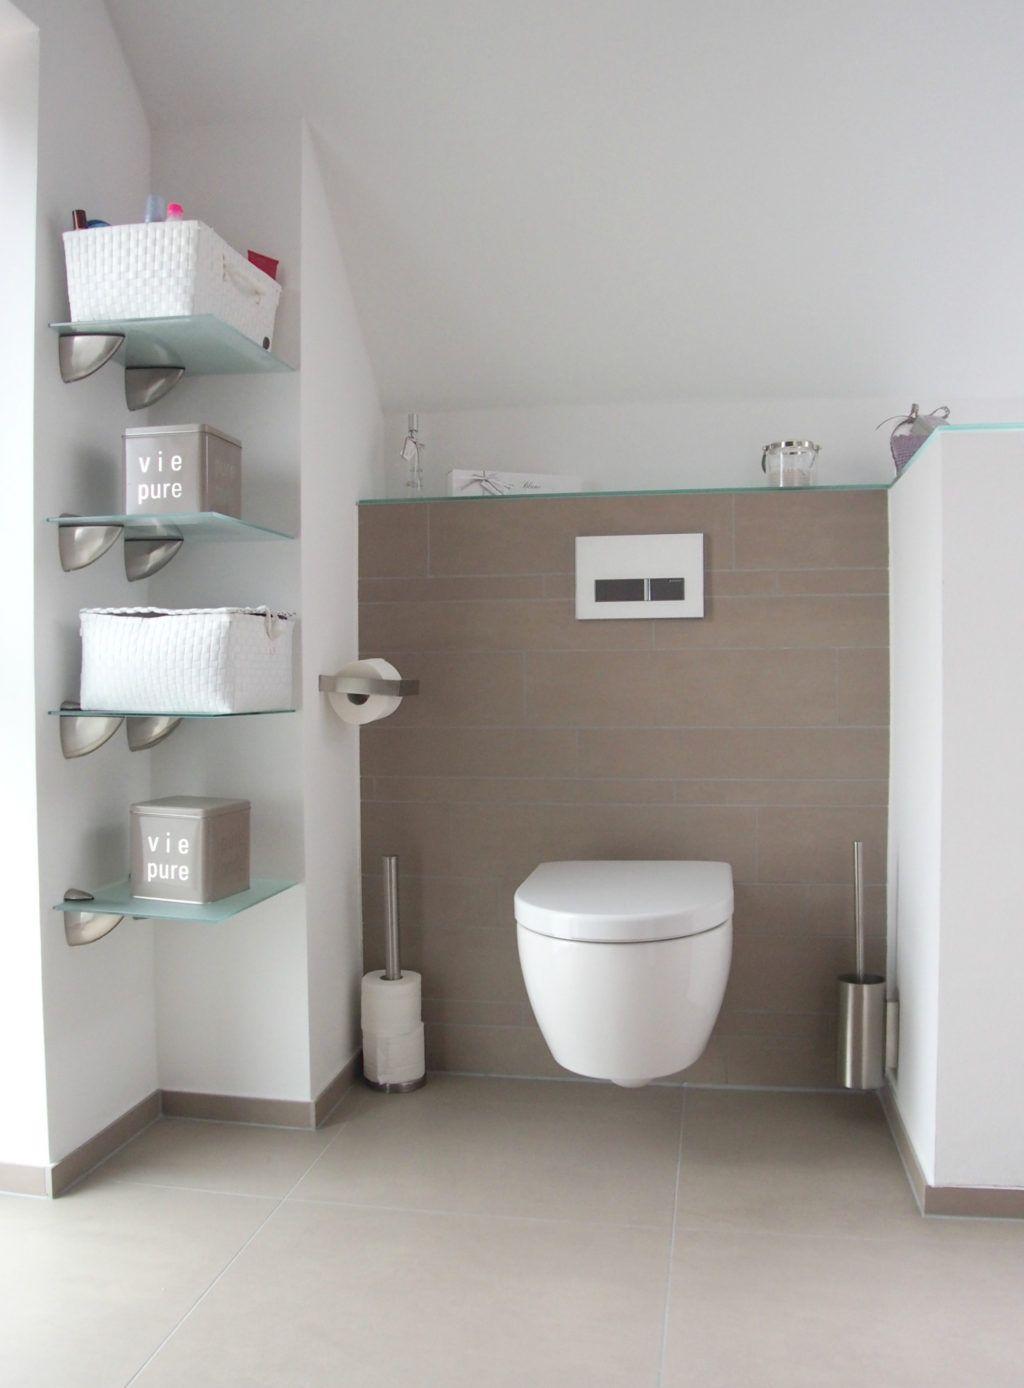 einrichtungsideen für badezimmer | Bad Design | Pinterest ...